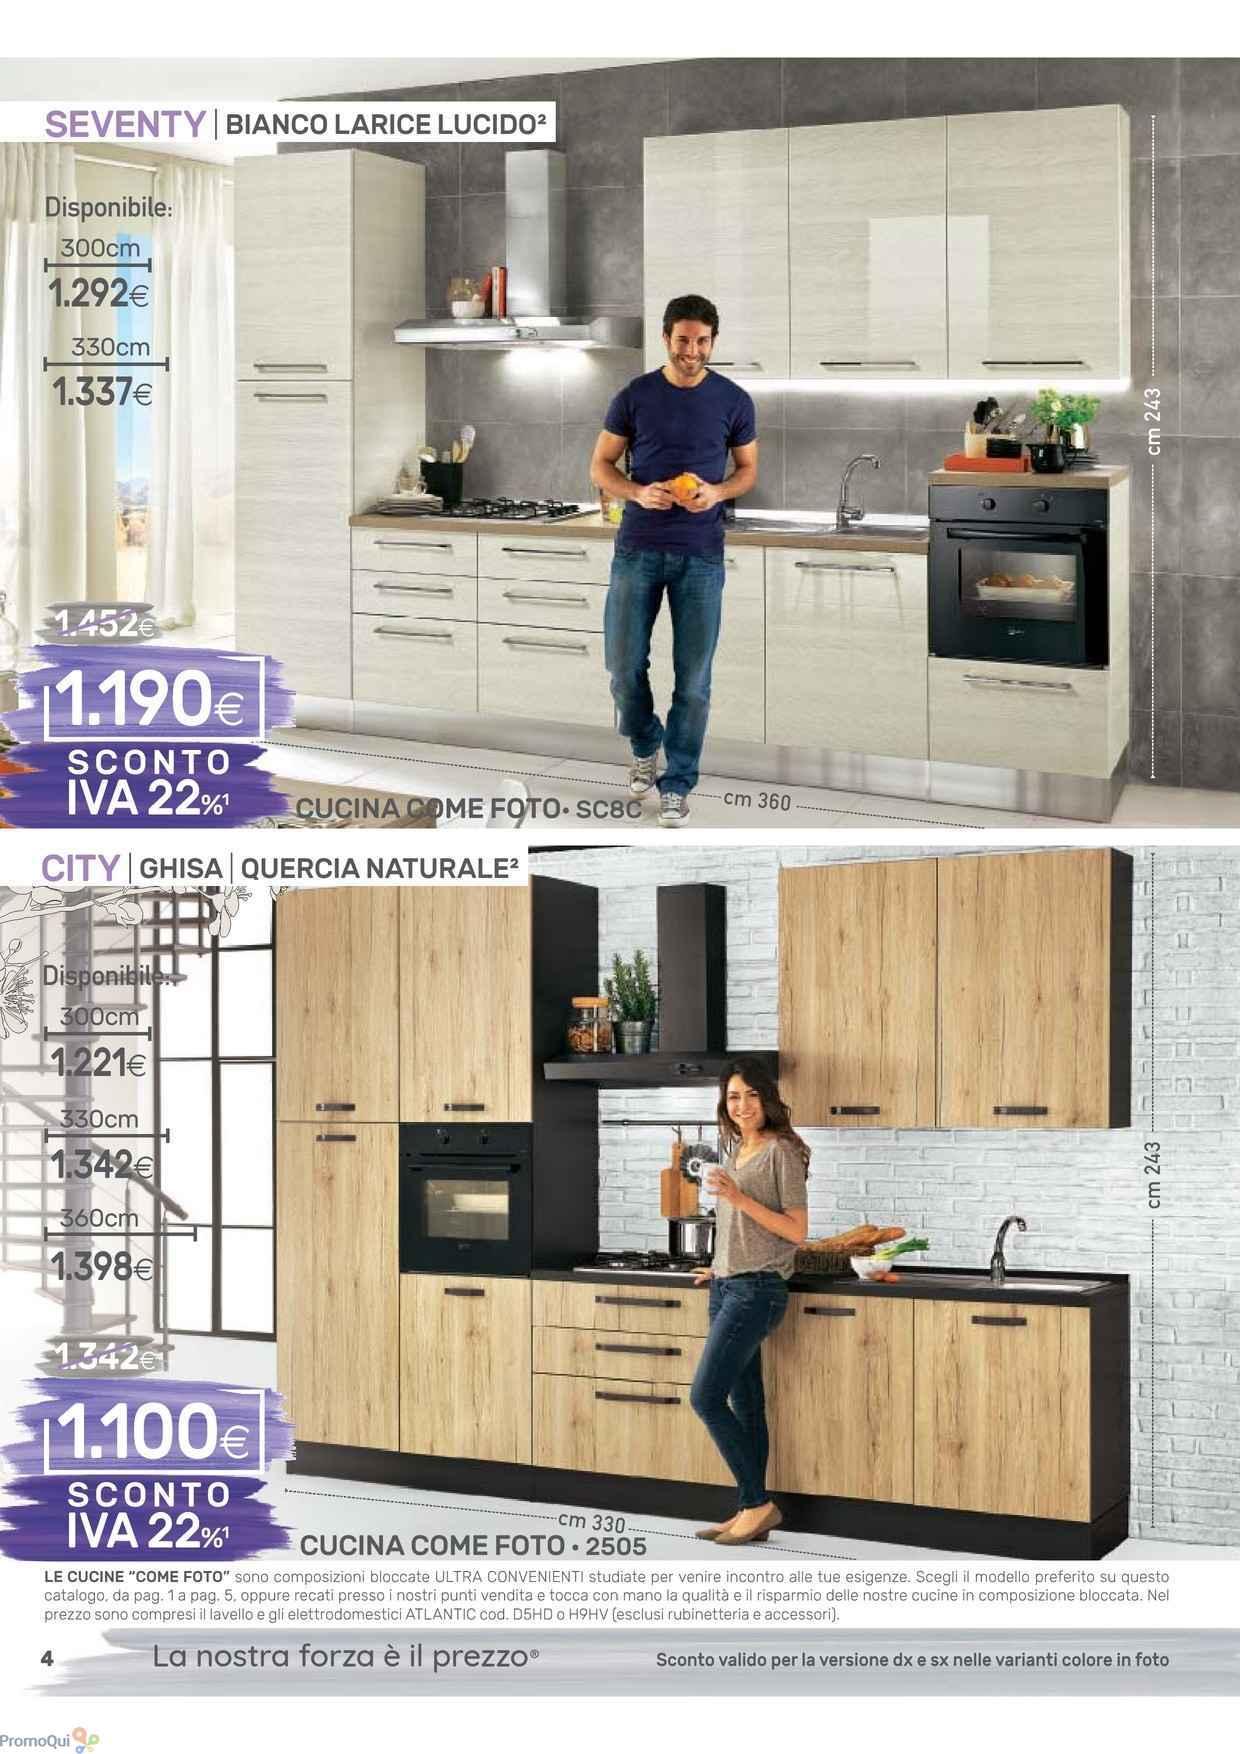 Stunning Cucine Mondo Convenienza Come Sono Gallery - Design & Ideas ...